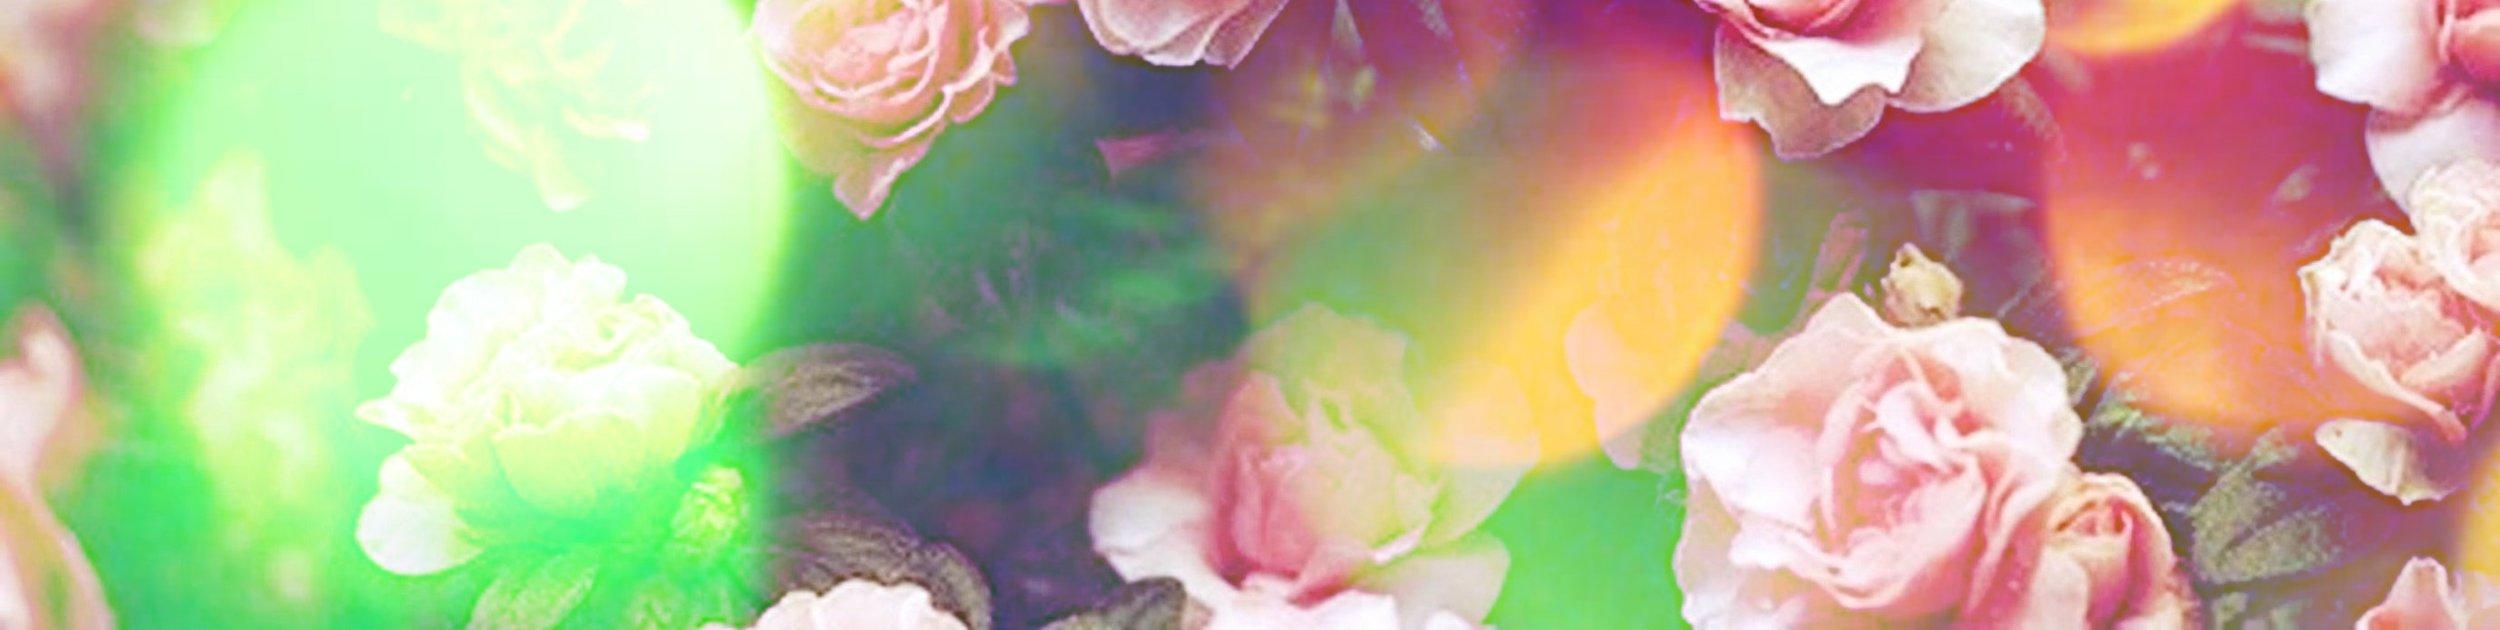 floral-background 2.jpg